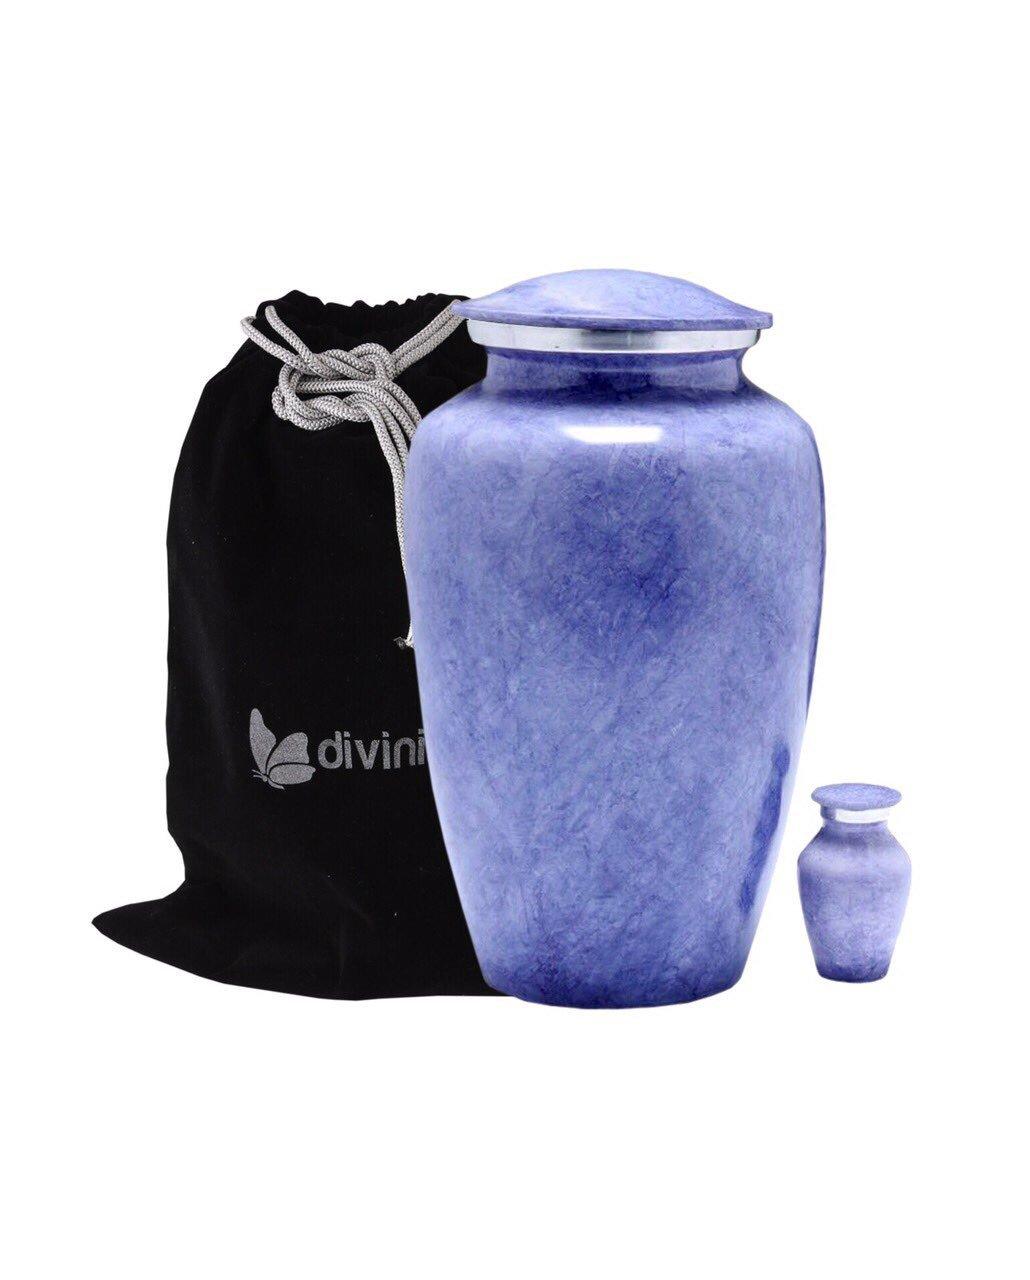 Lavender Marble Cremation Urn - Violet Urn - Lavender Urn - Affordable Handcrafted Adult Funeral Urn for Ashes - Large Urn with Keepsake and Velvet Bag